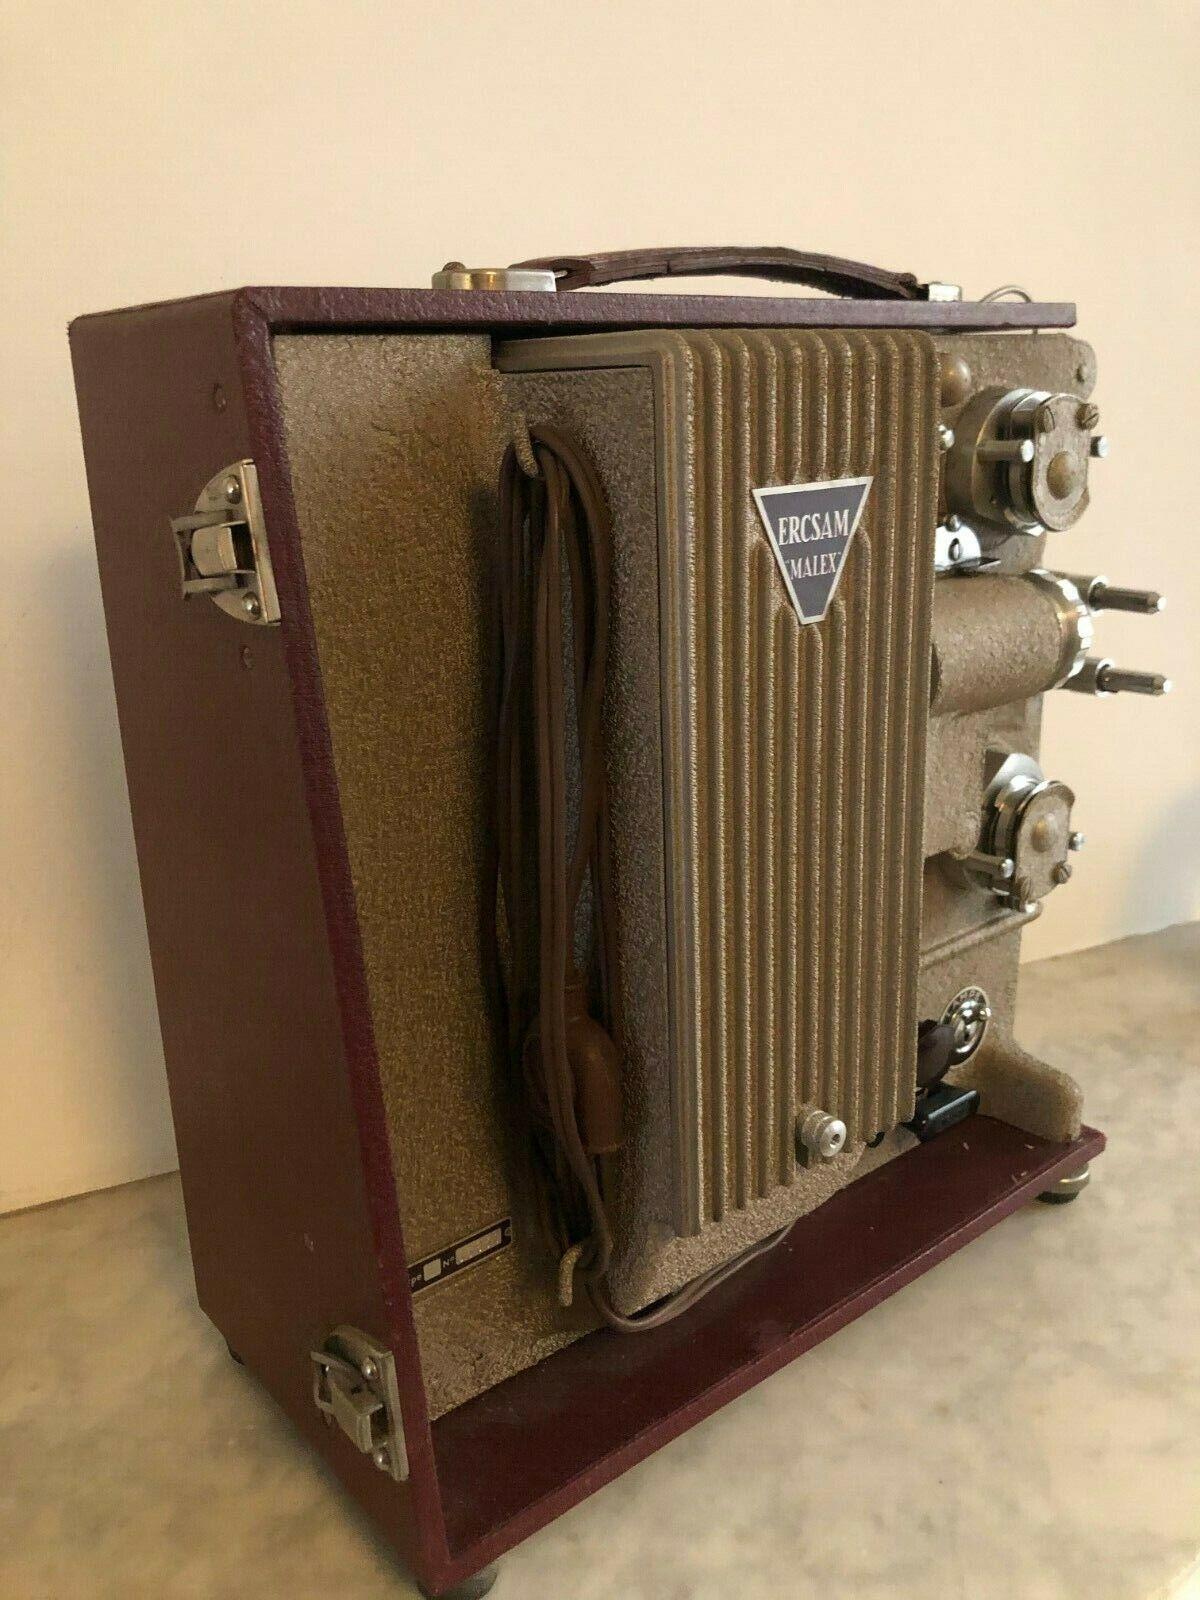 Video projecteur ercsam malex 8m/m - 1953 - paris france